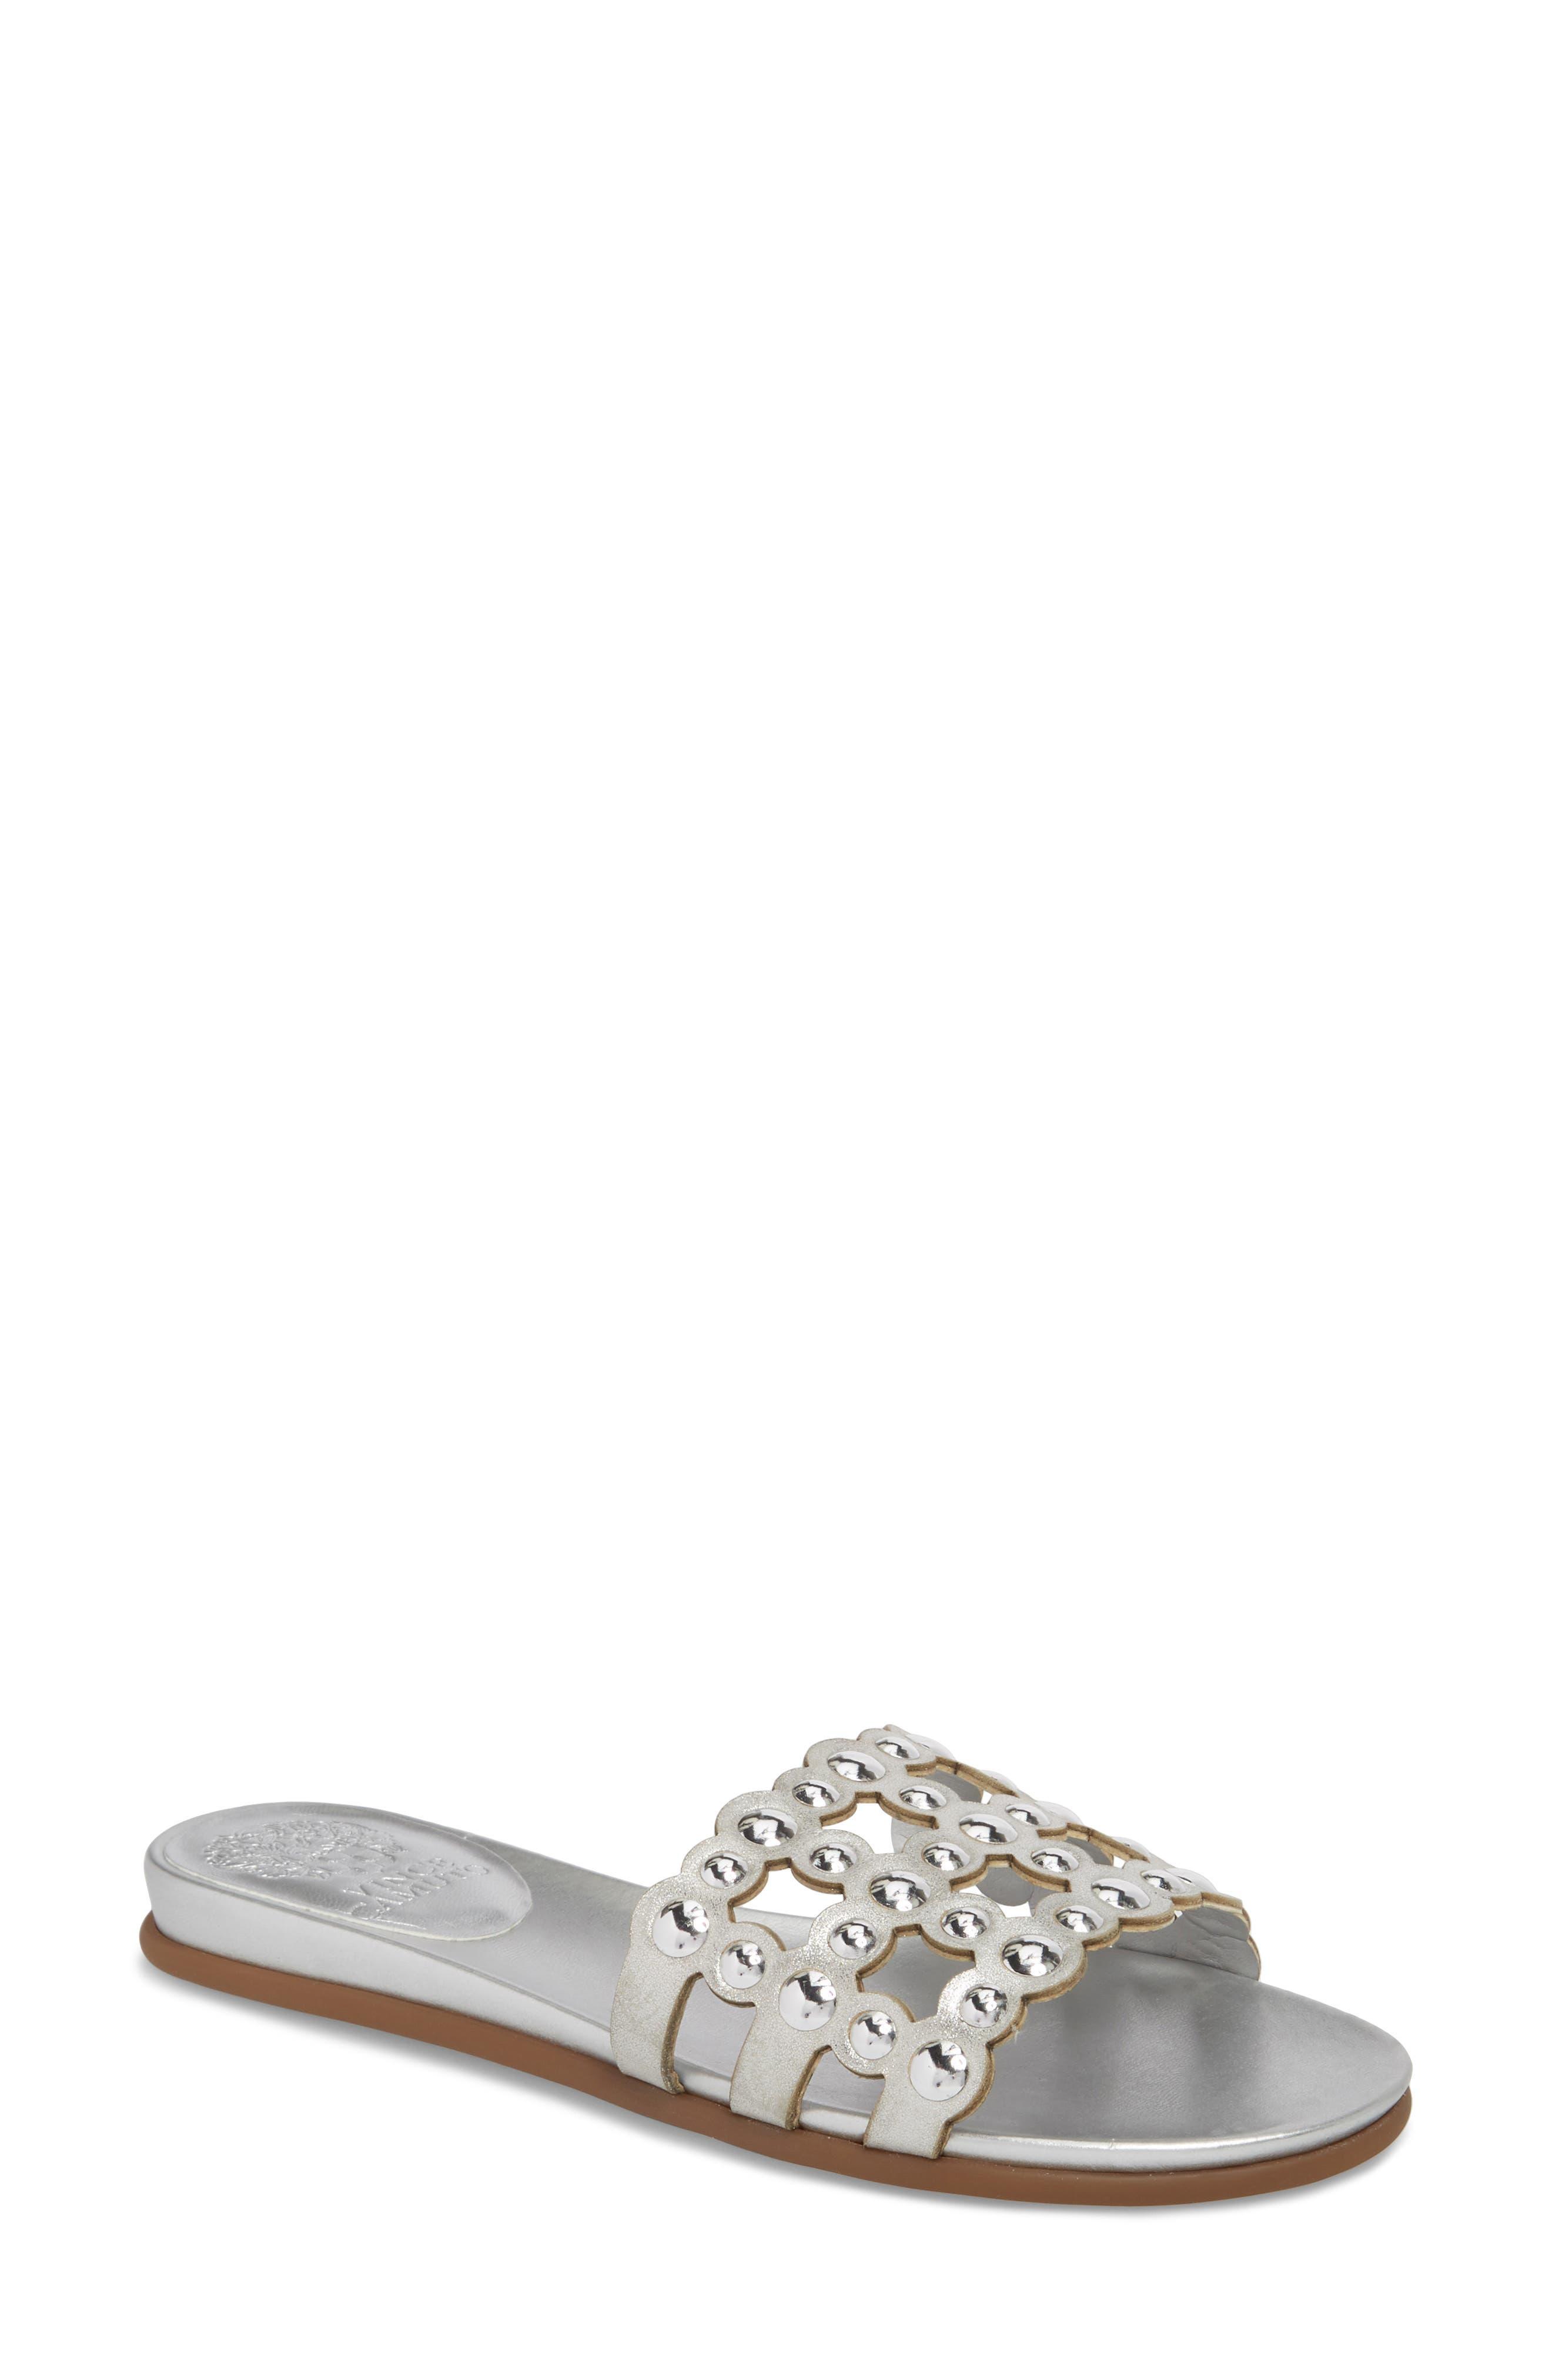 Ellanna Studded Slide Sandal,                         Main,                         color, Gleaming Silver Leather